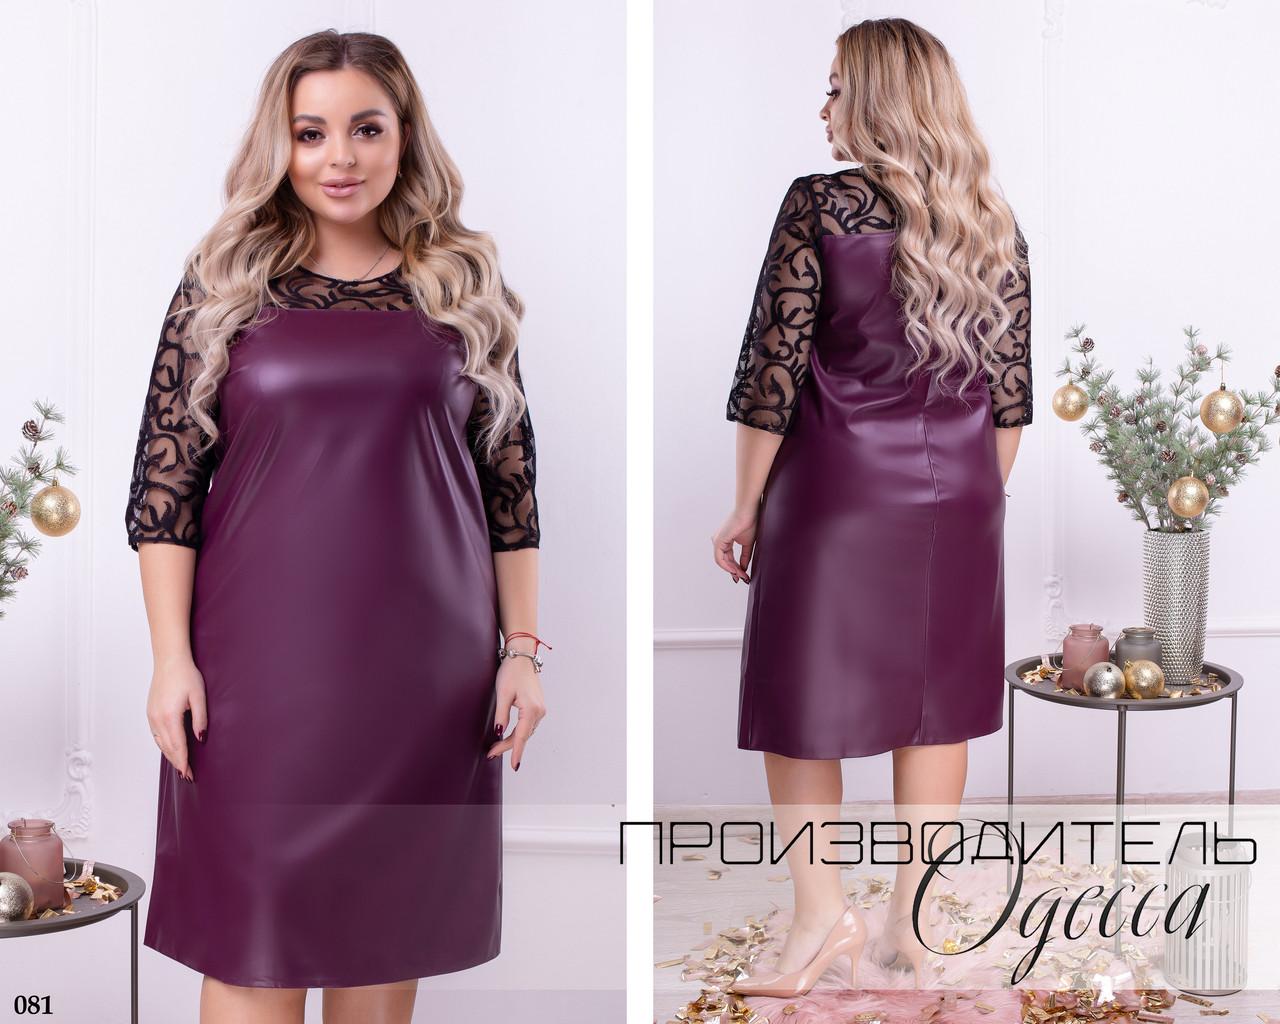 Платье прямое декорировано гипюром эко-кожа 48-50,52-54,56-58,60-62